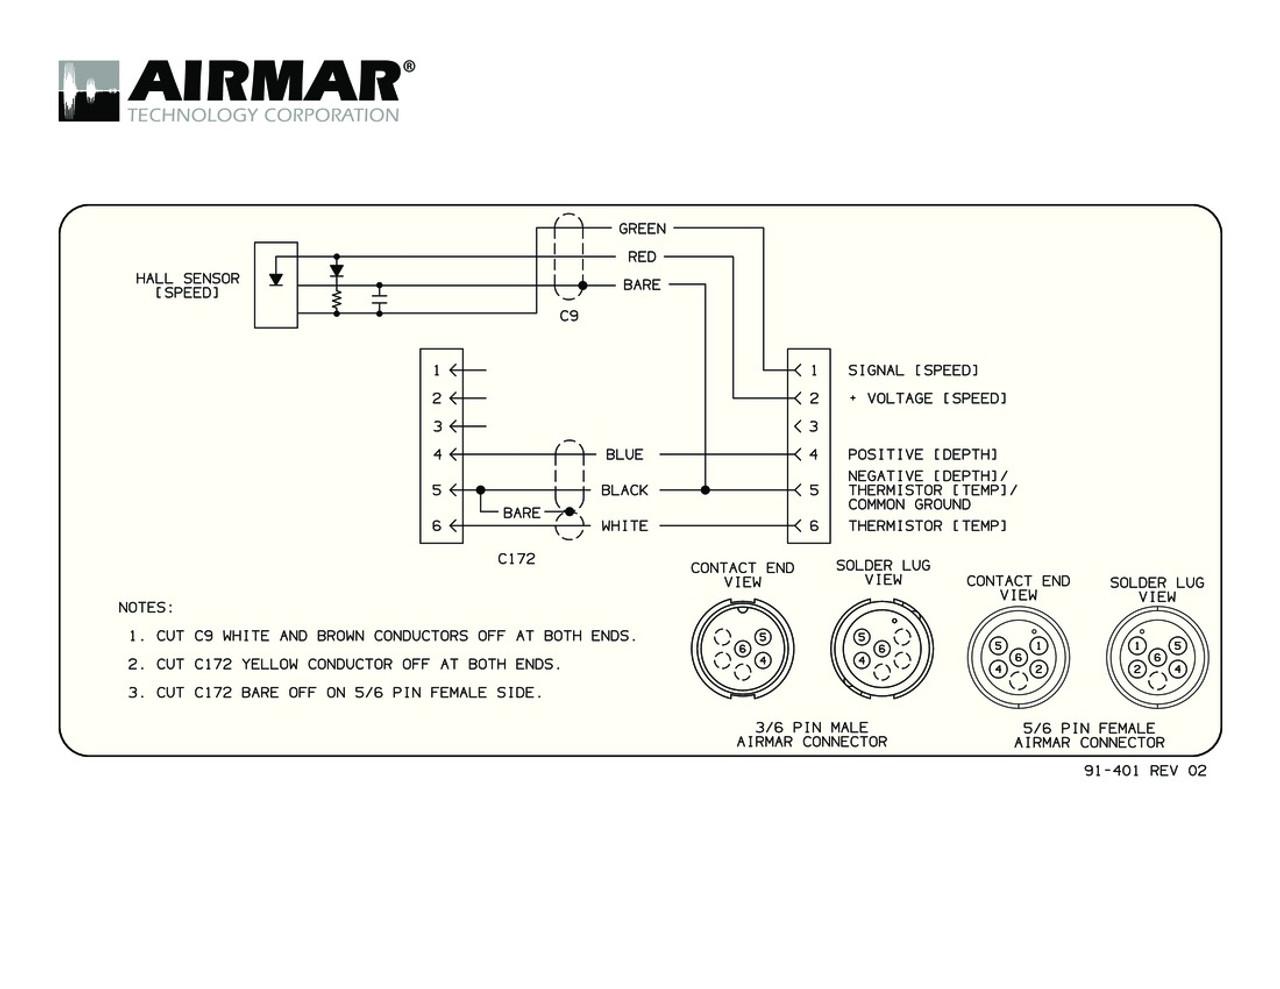 Garmin Radar Wiring Diagram | Wiring Library